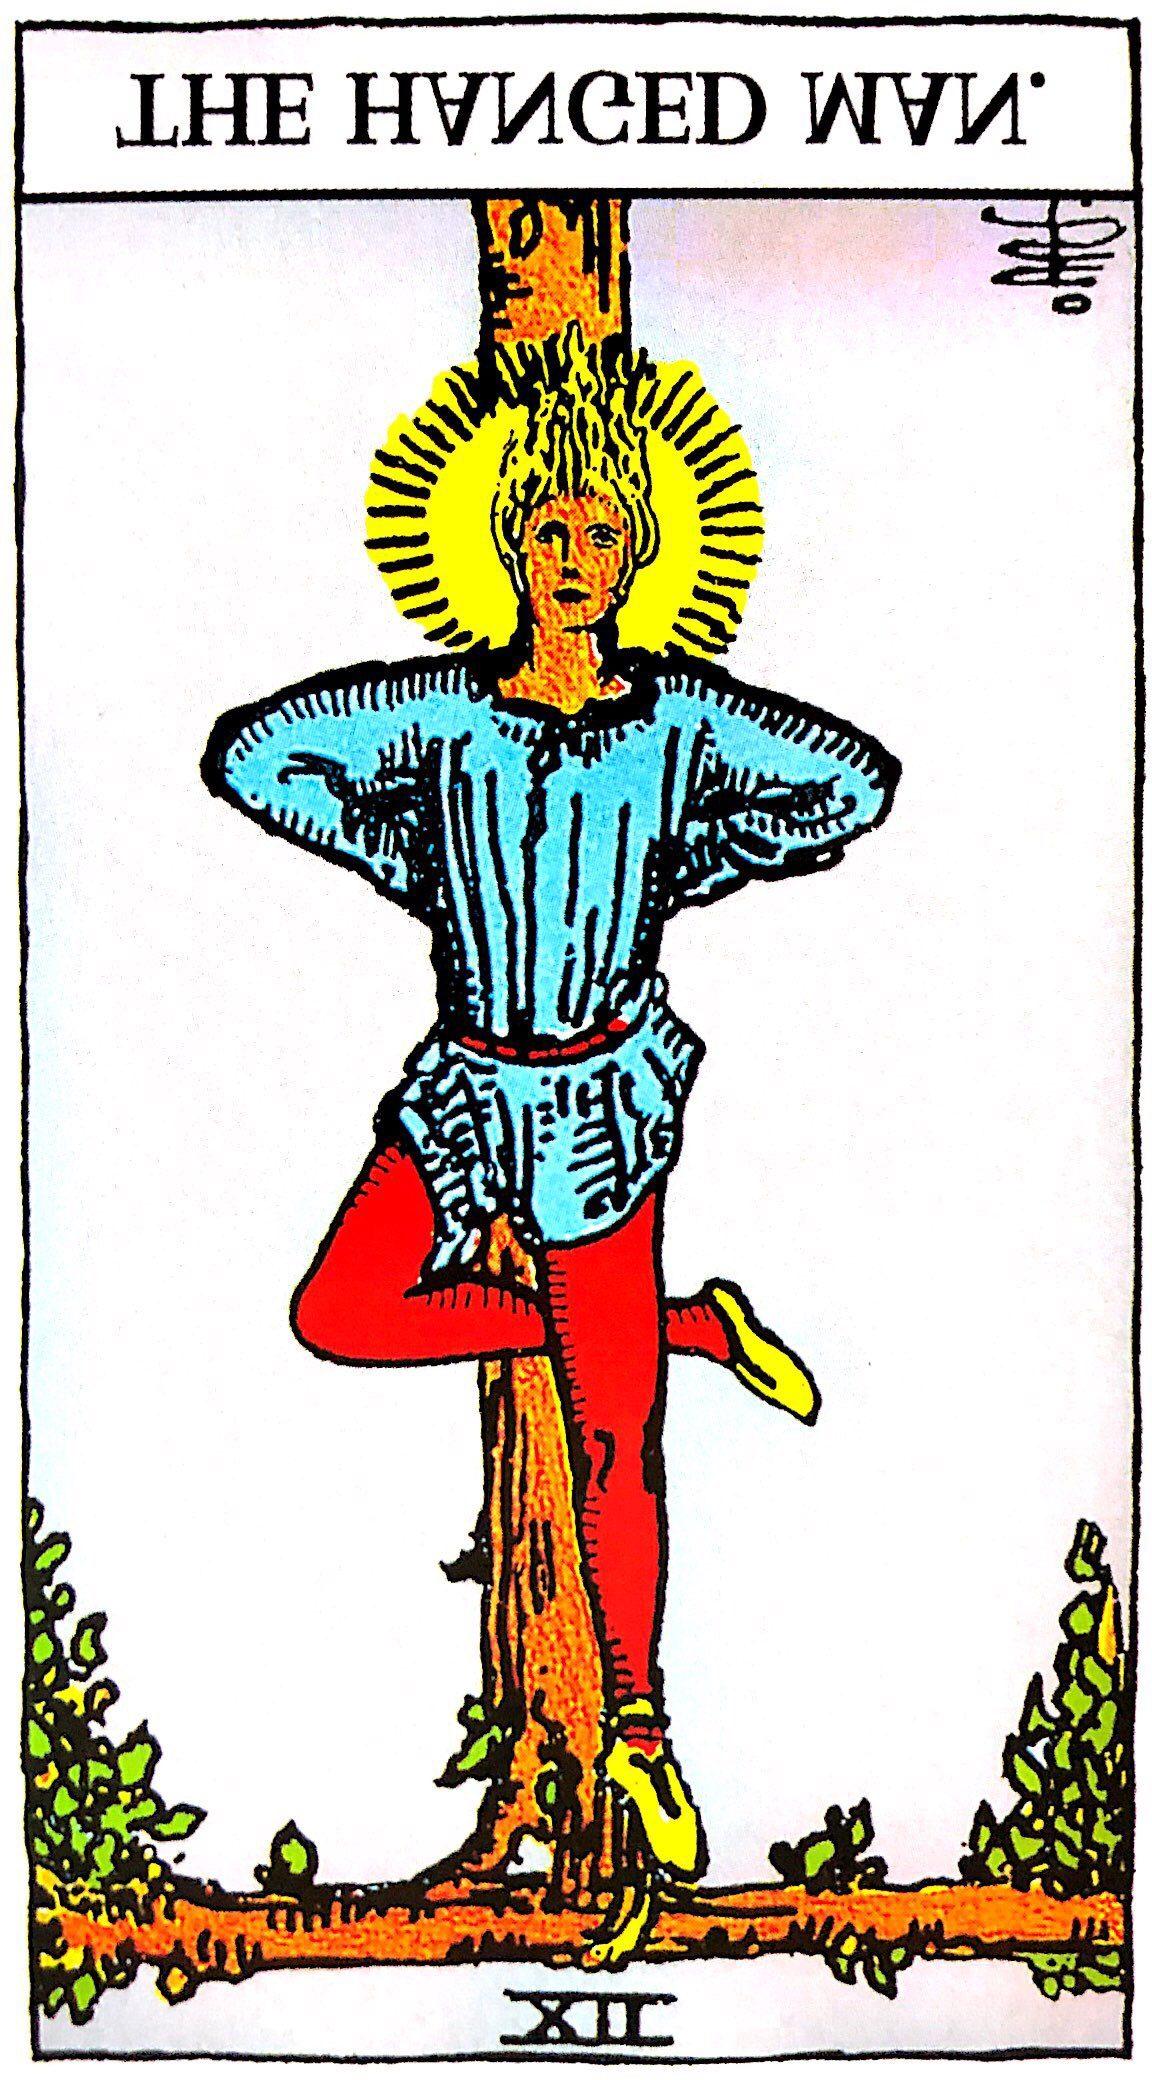 タロット占い「吊るされた男」の意味【逆位置】